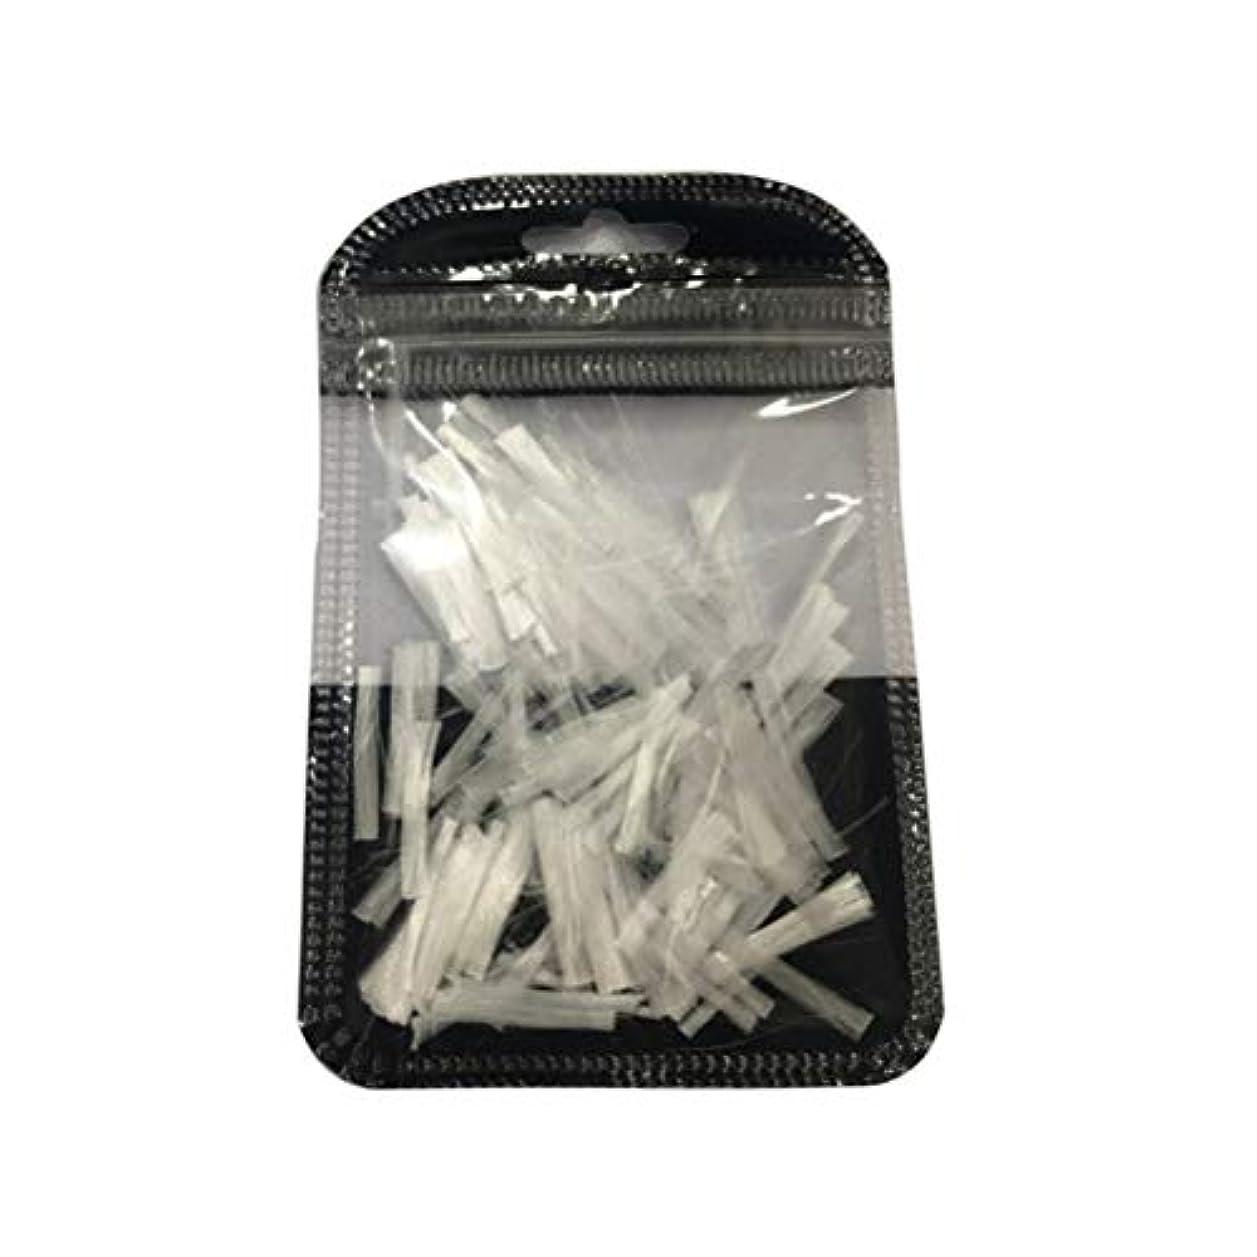 社会リラックススローガン釘の絹の延長3cmのためのHEALLILYのガラス繊維の釘の延長ガラス繊維の釘